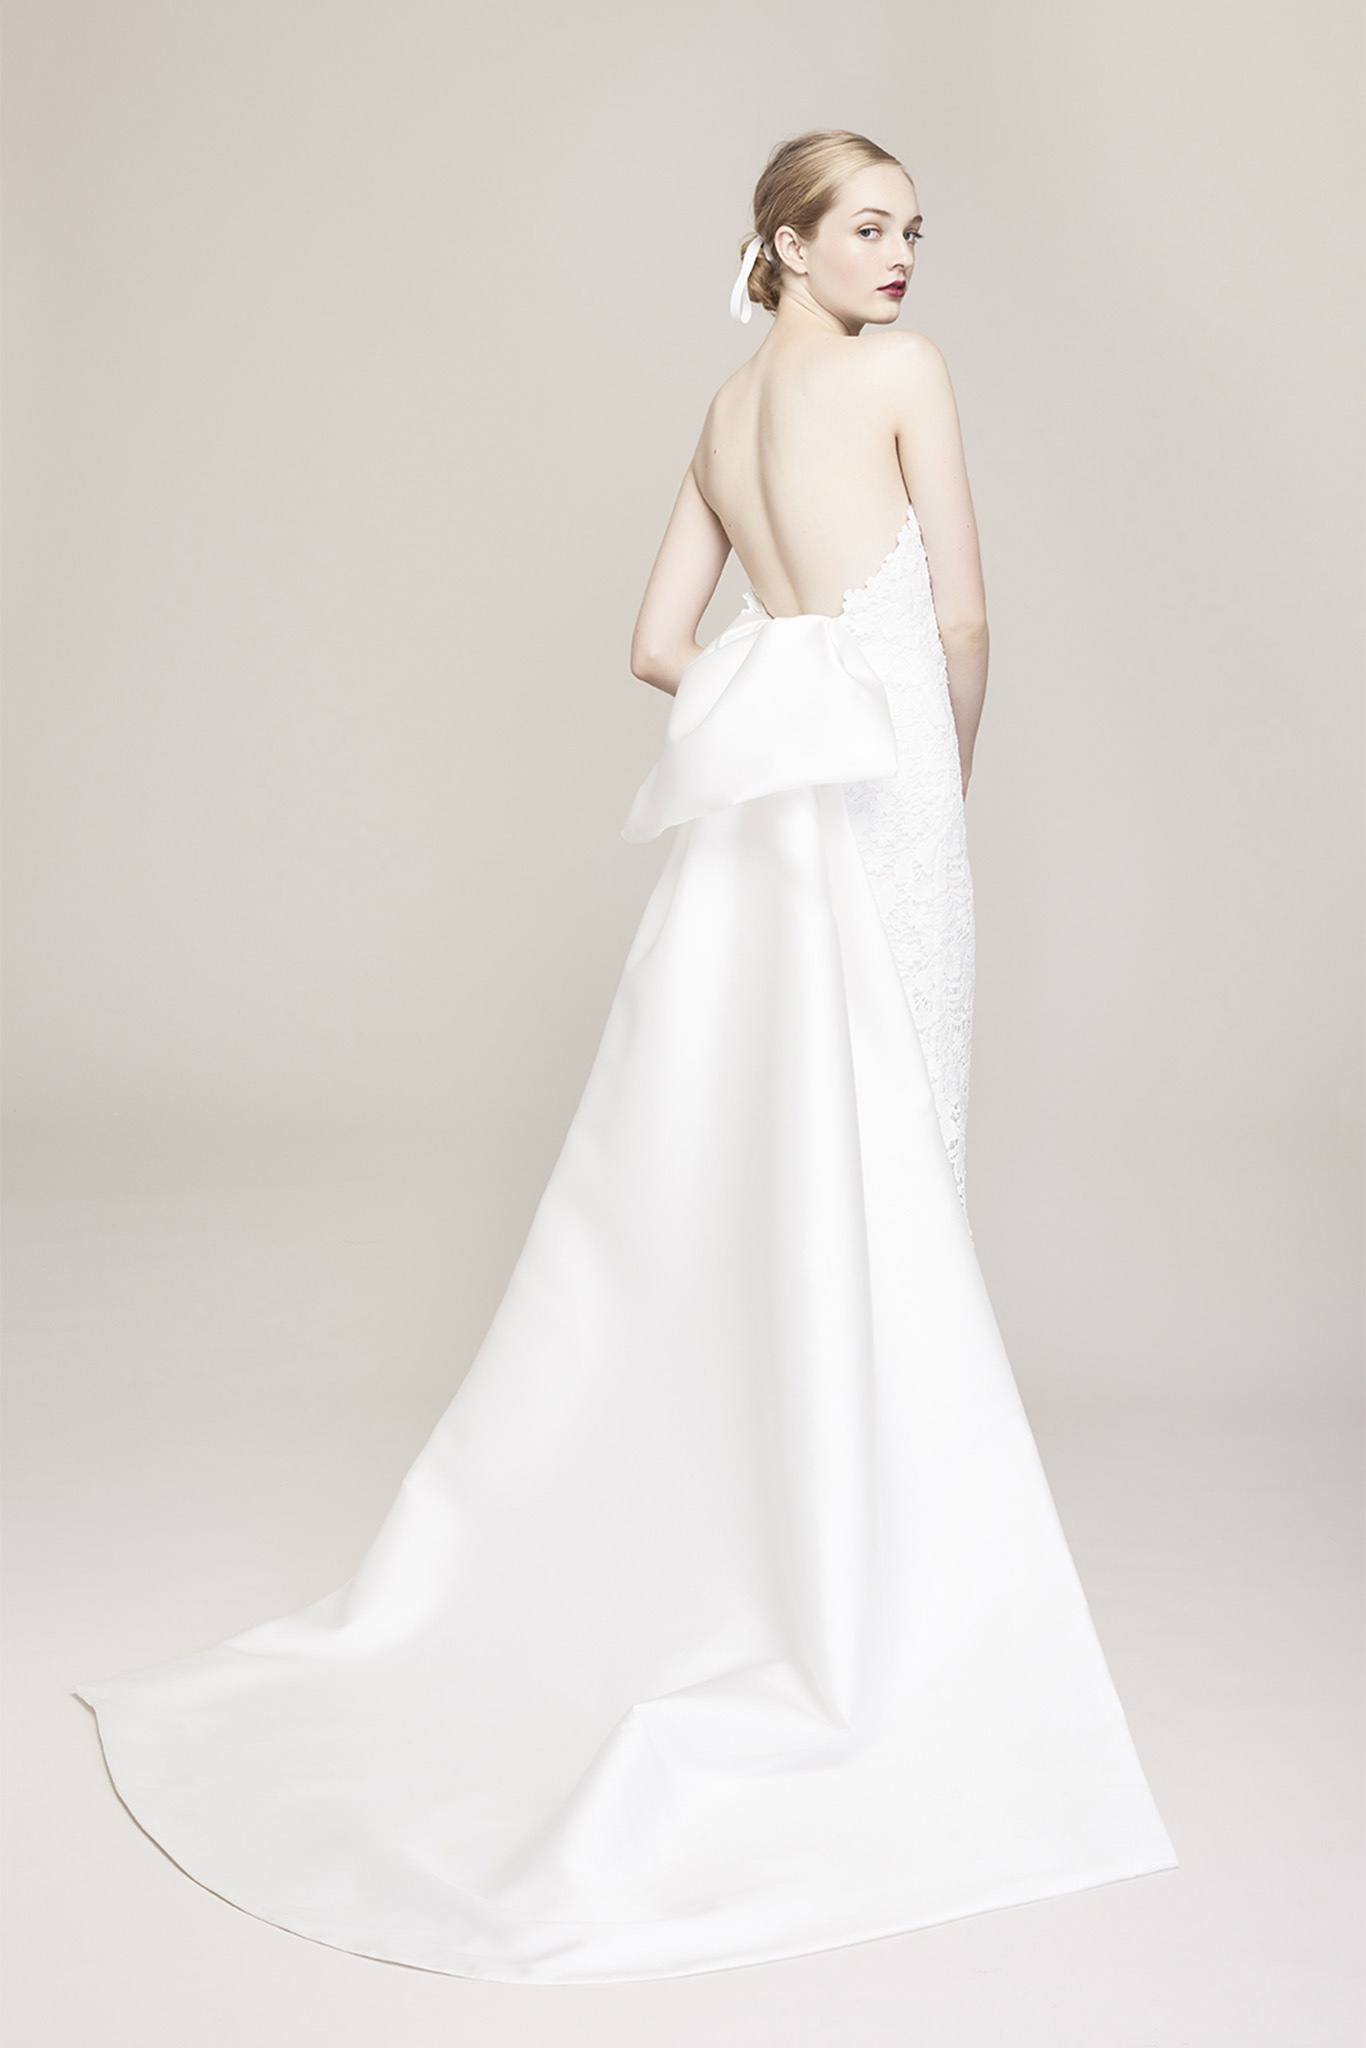 c54e43cacb7fb Dresses - Browns Bride